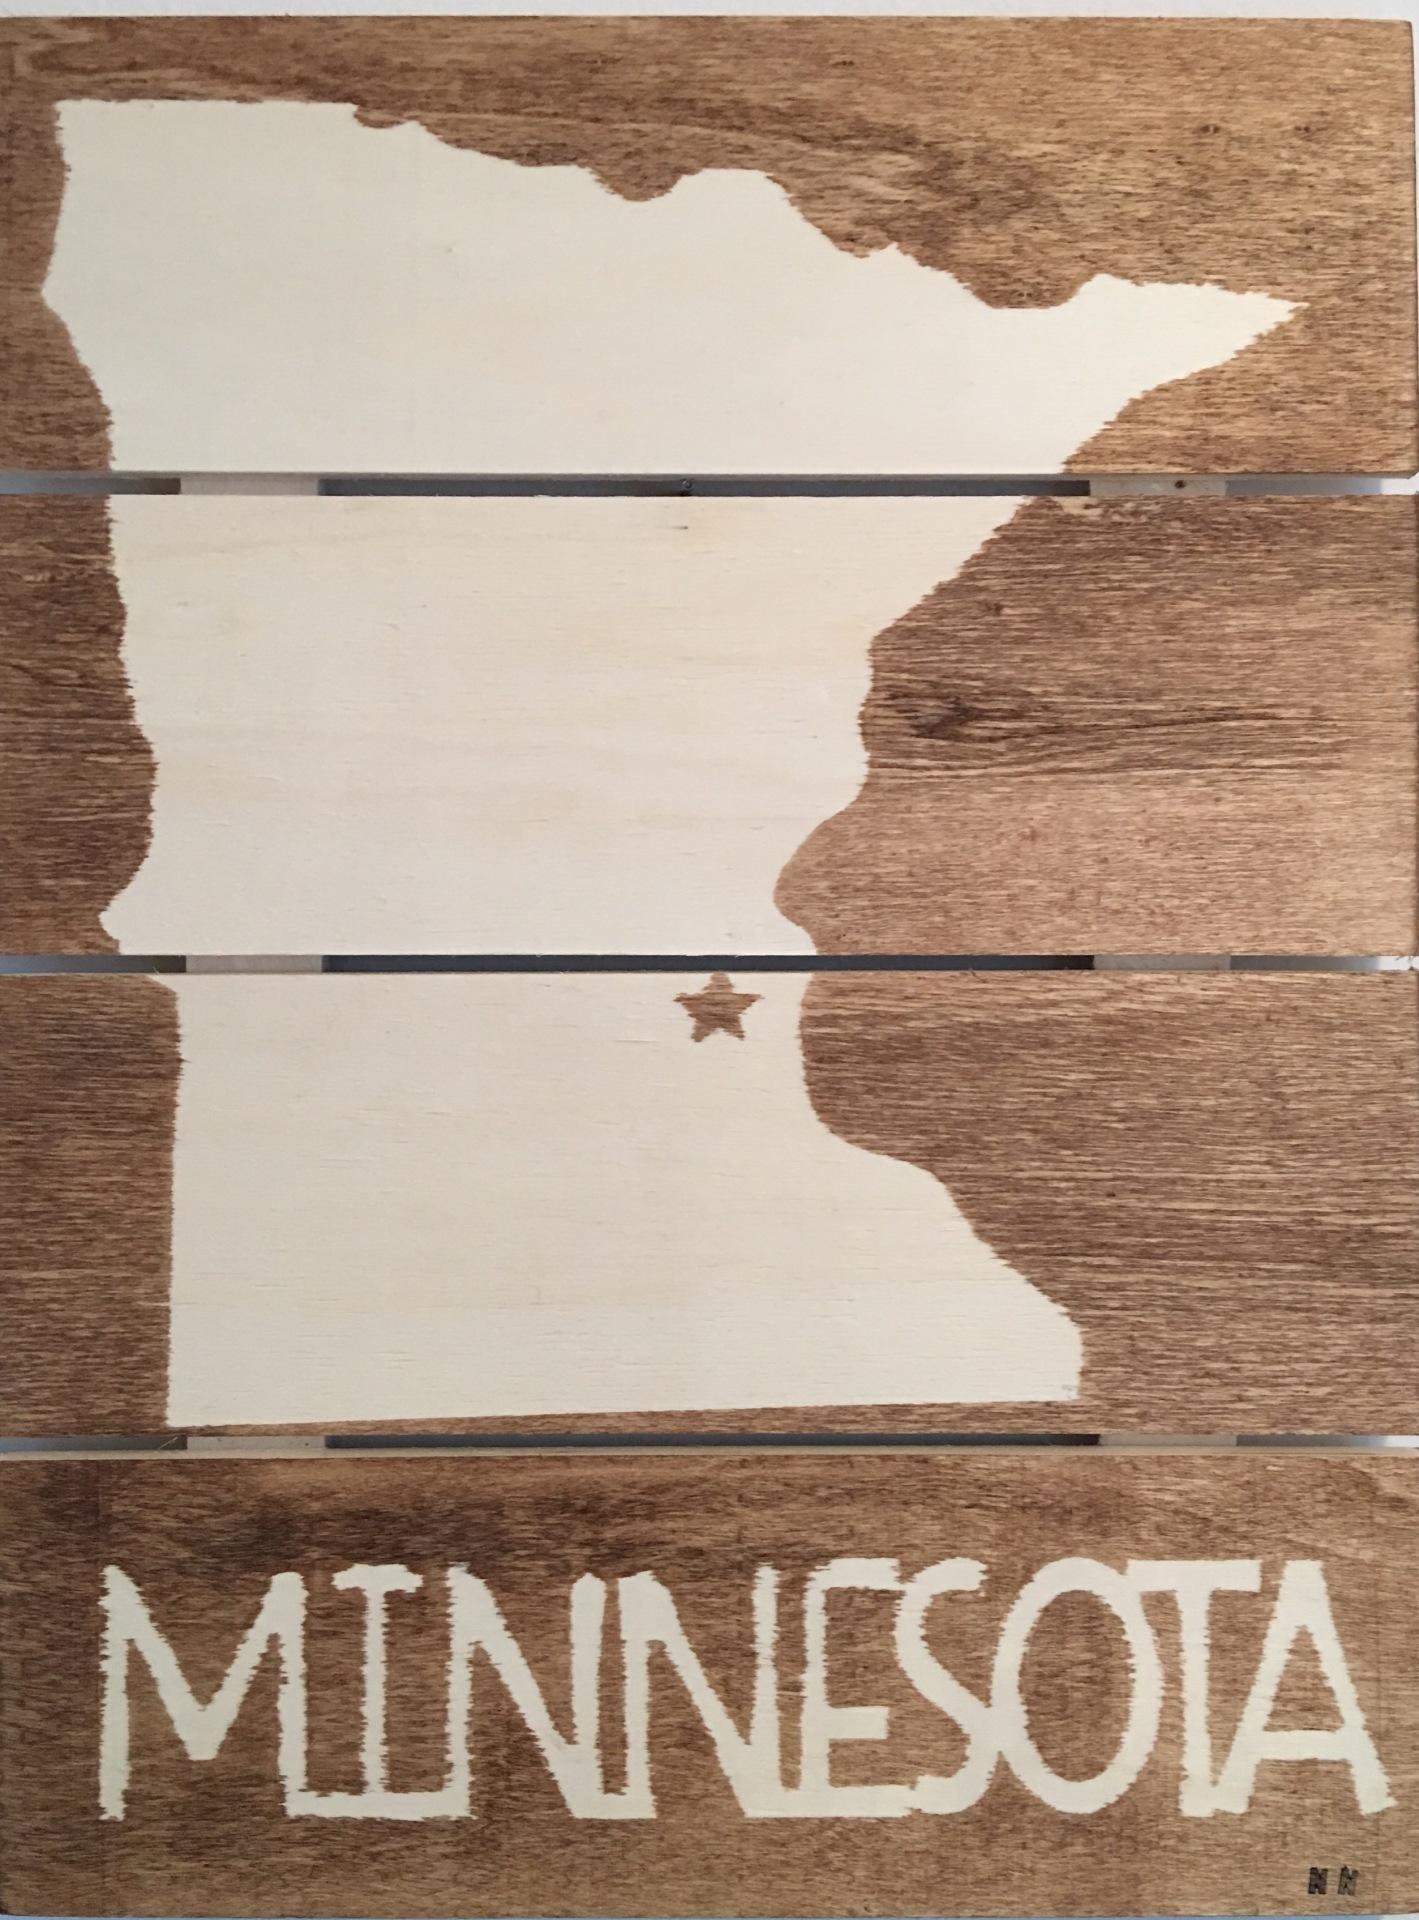 Minnesota Wood Pallet